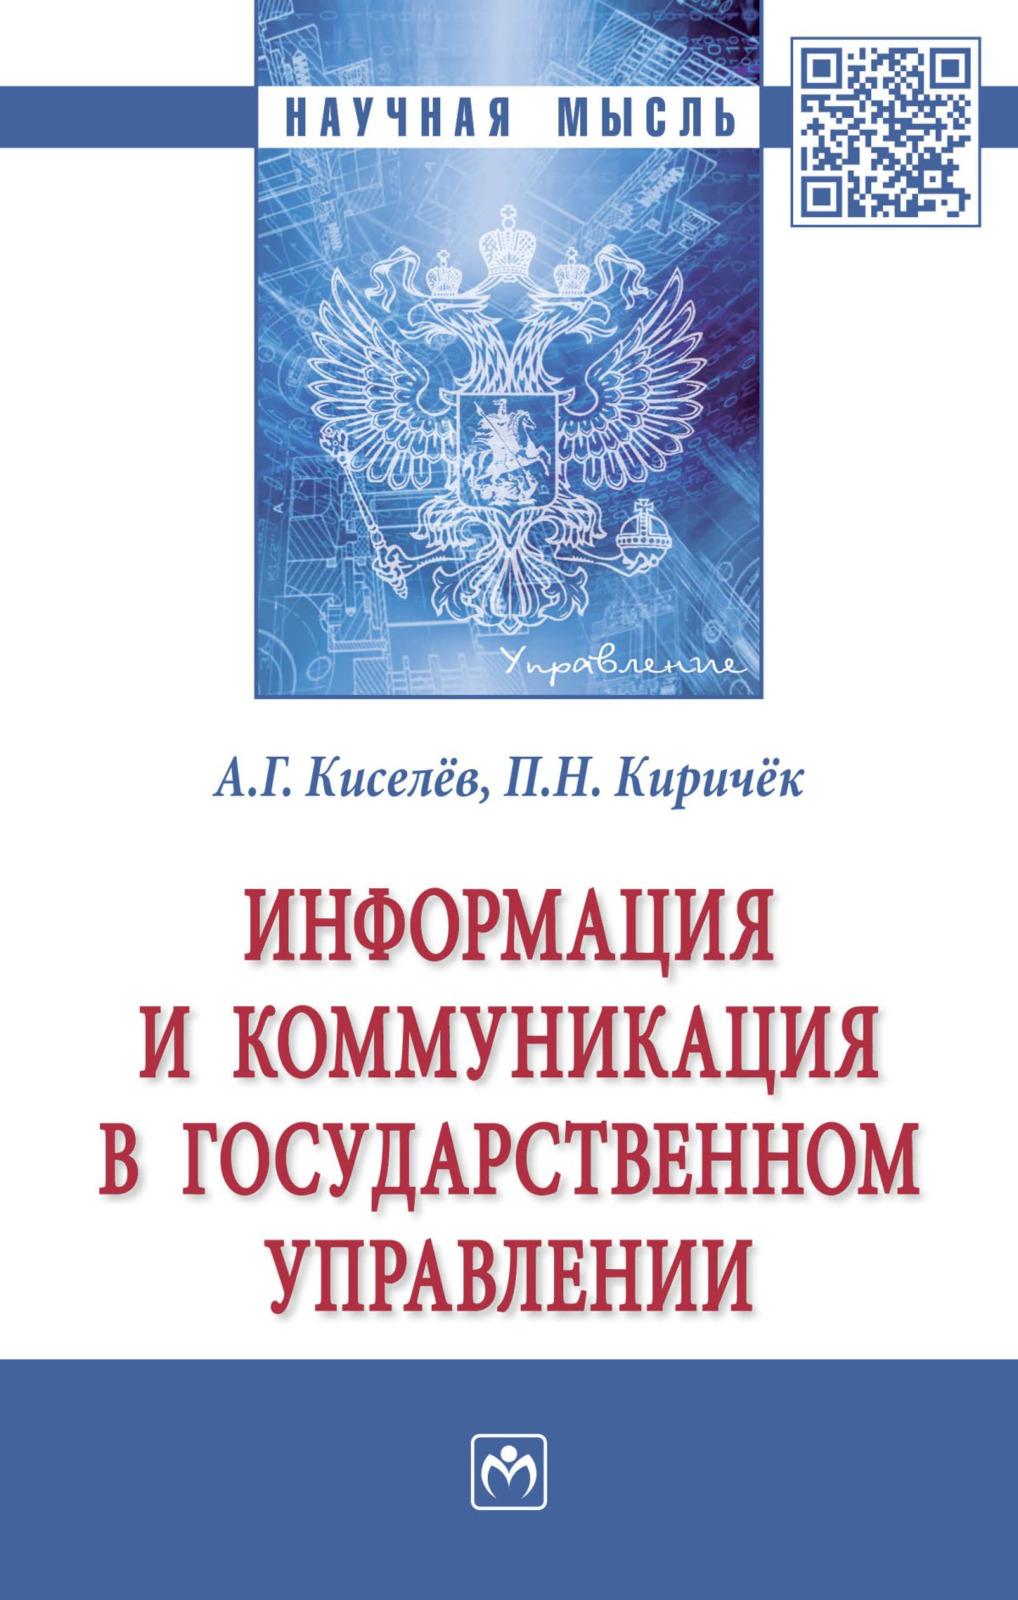 Информация и коммуникация в государственном управлении   Киричек Петр Николаевич, Киселев Александр Георгиевич